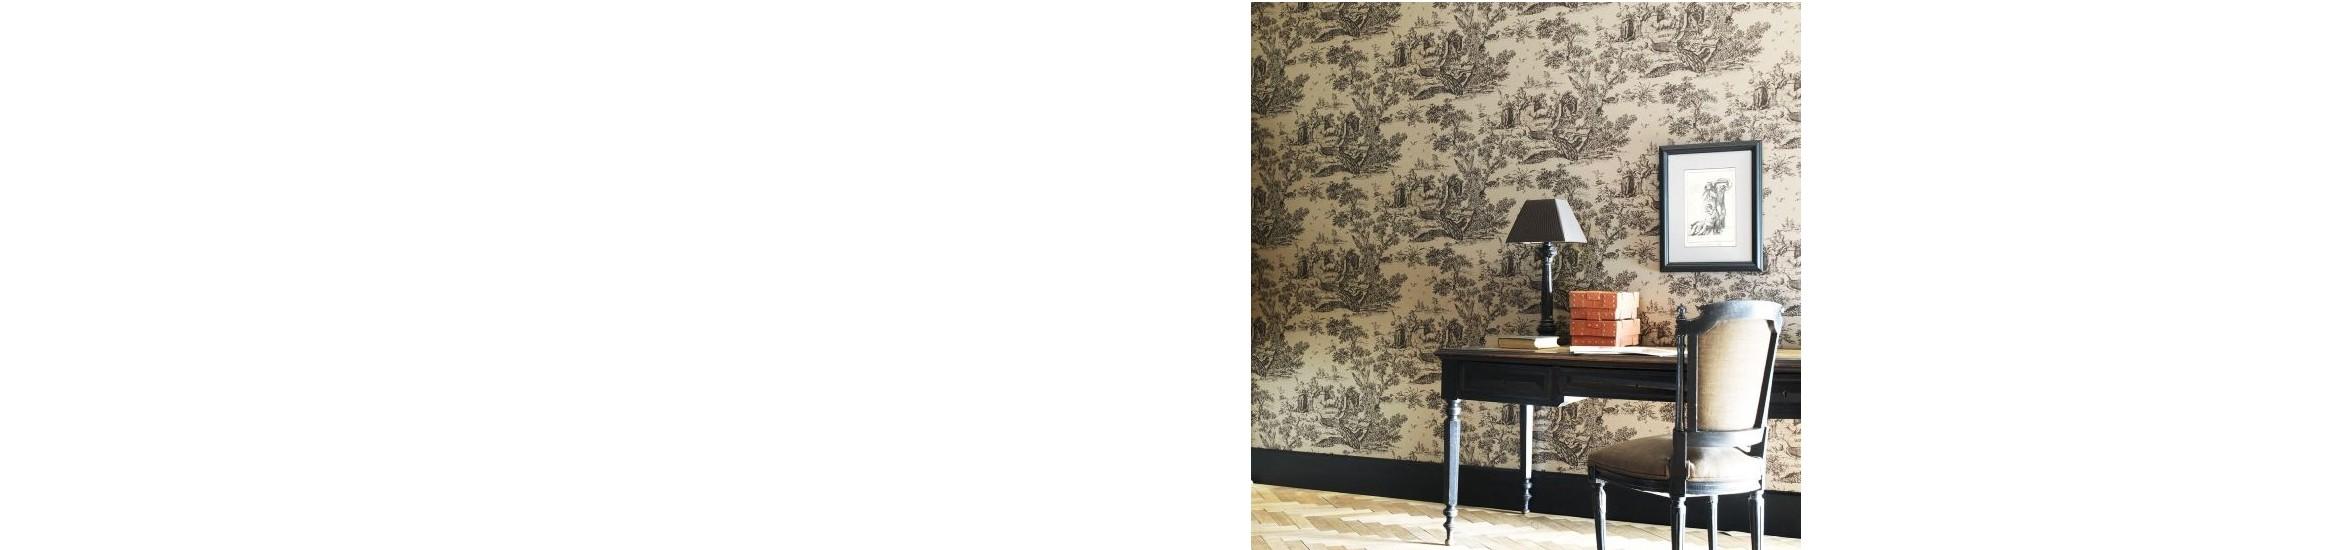 Papiers peints et tissus coordonnés Toile de Jouy collection Fontainebleau